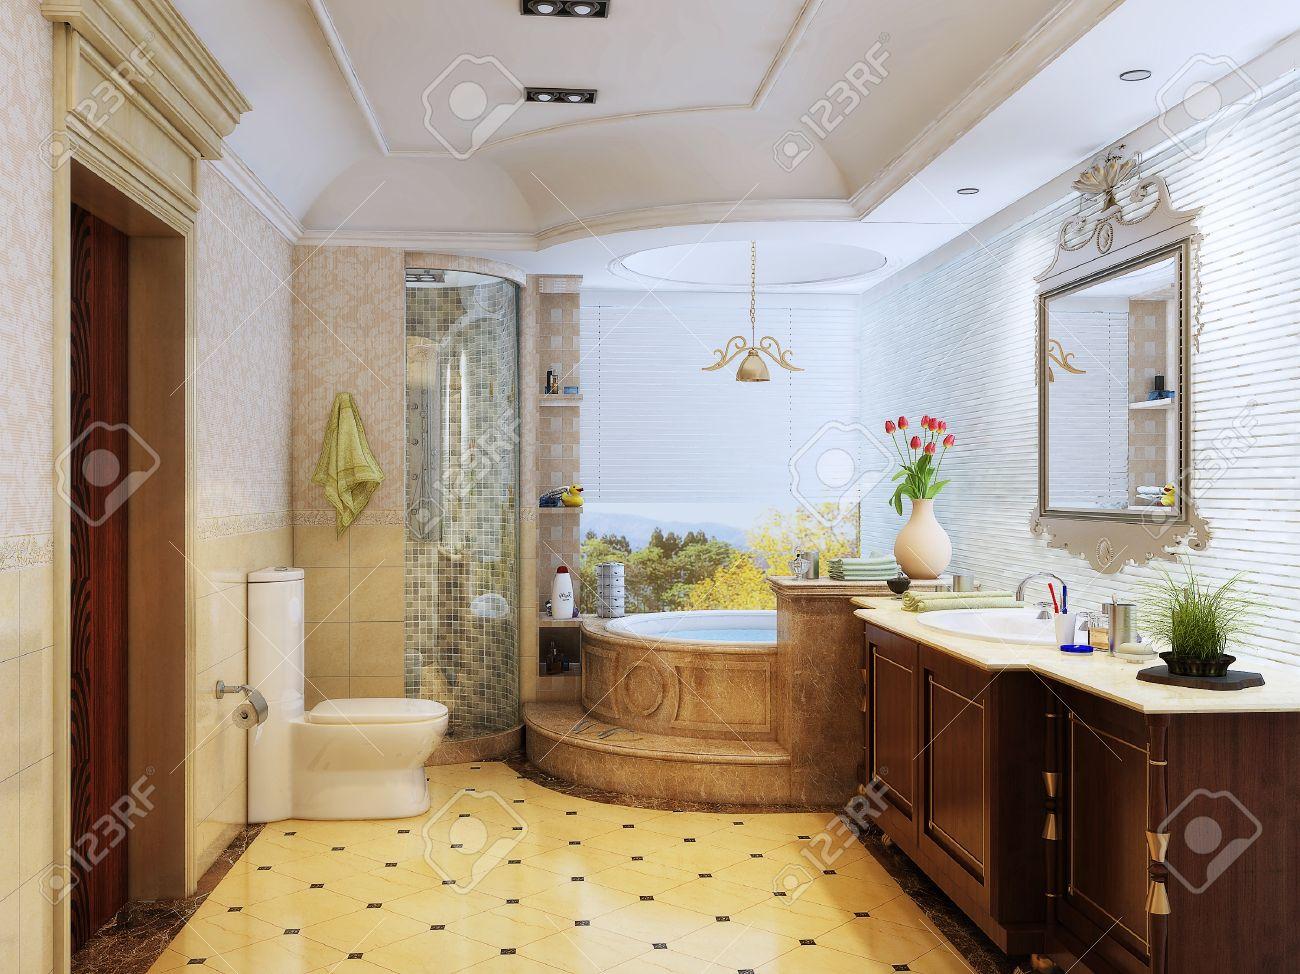 archivio fotografico rendering 3d degli interni bagno in stile del marocco